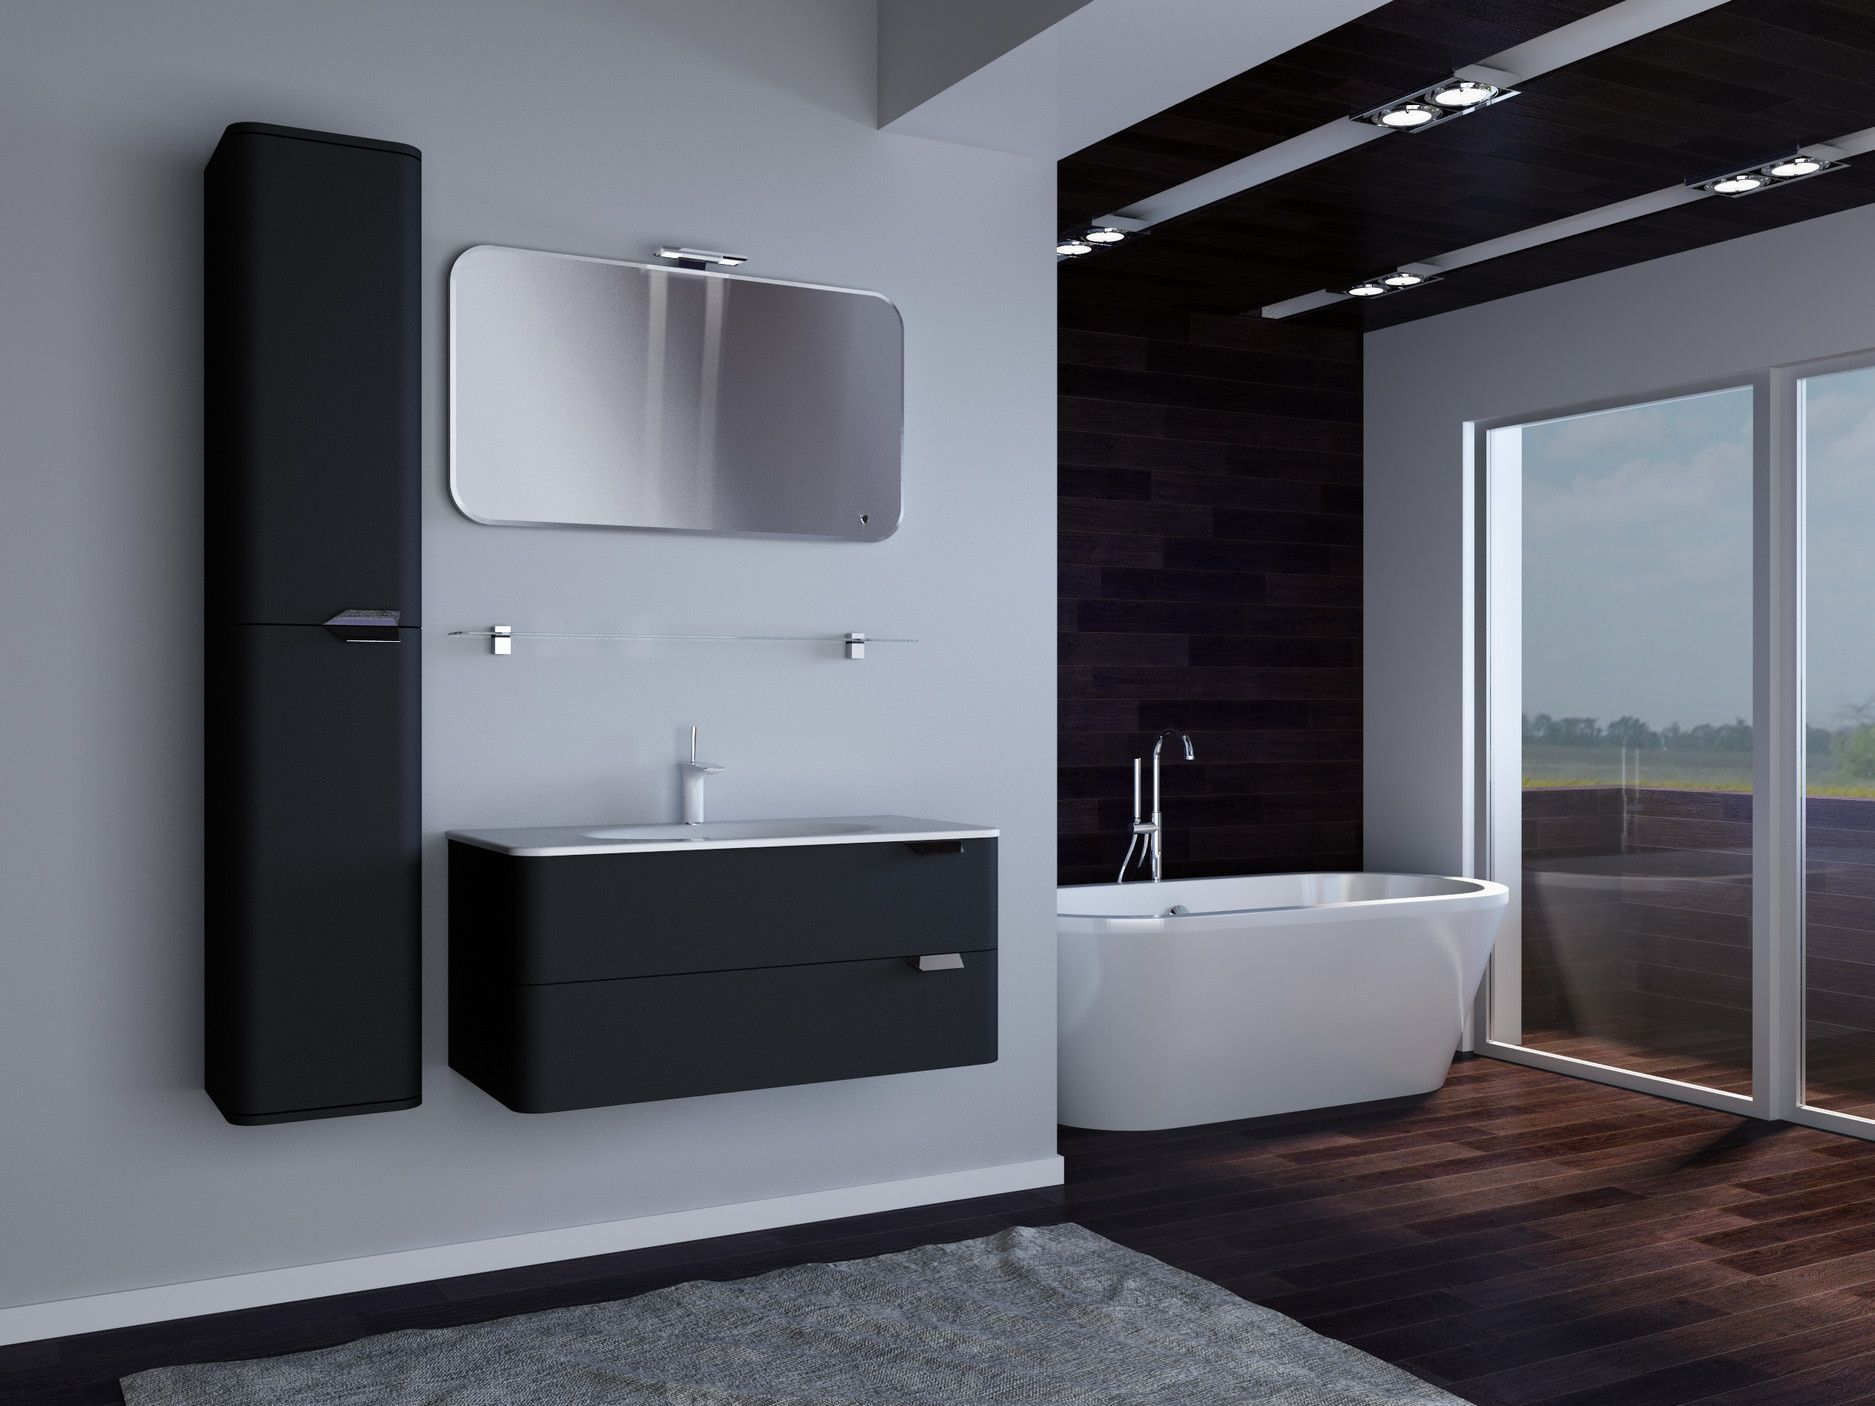 Minőségi fürdőszoba bútor